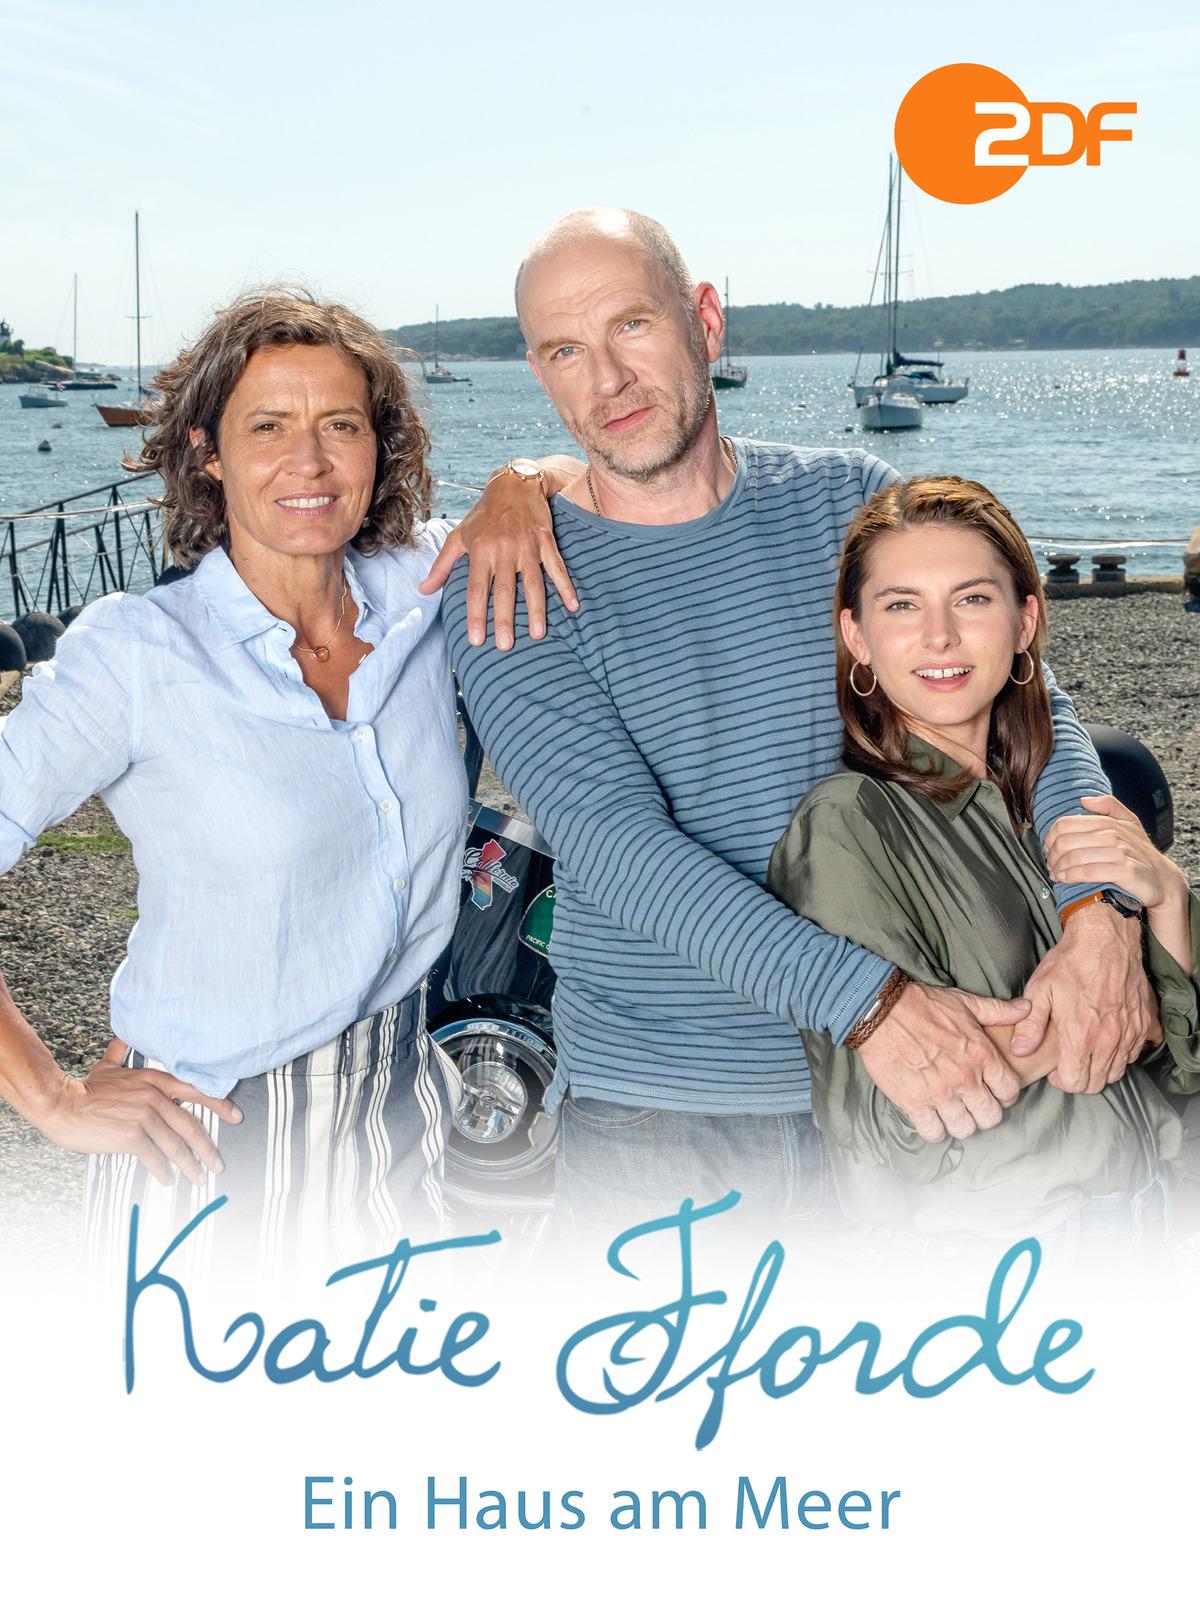 Katie Fforde - Ein Haus am Meer